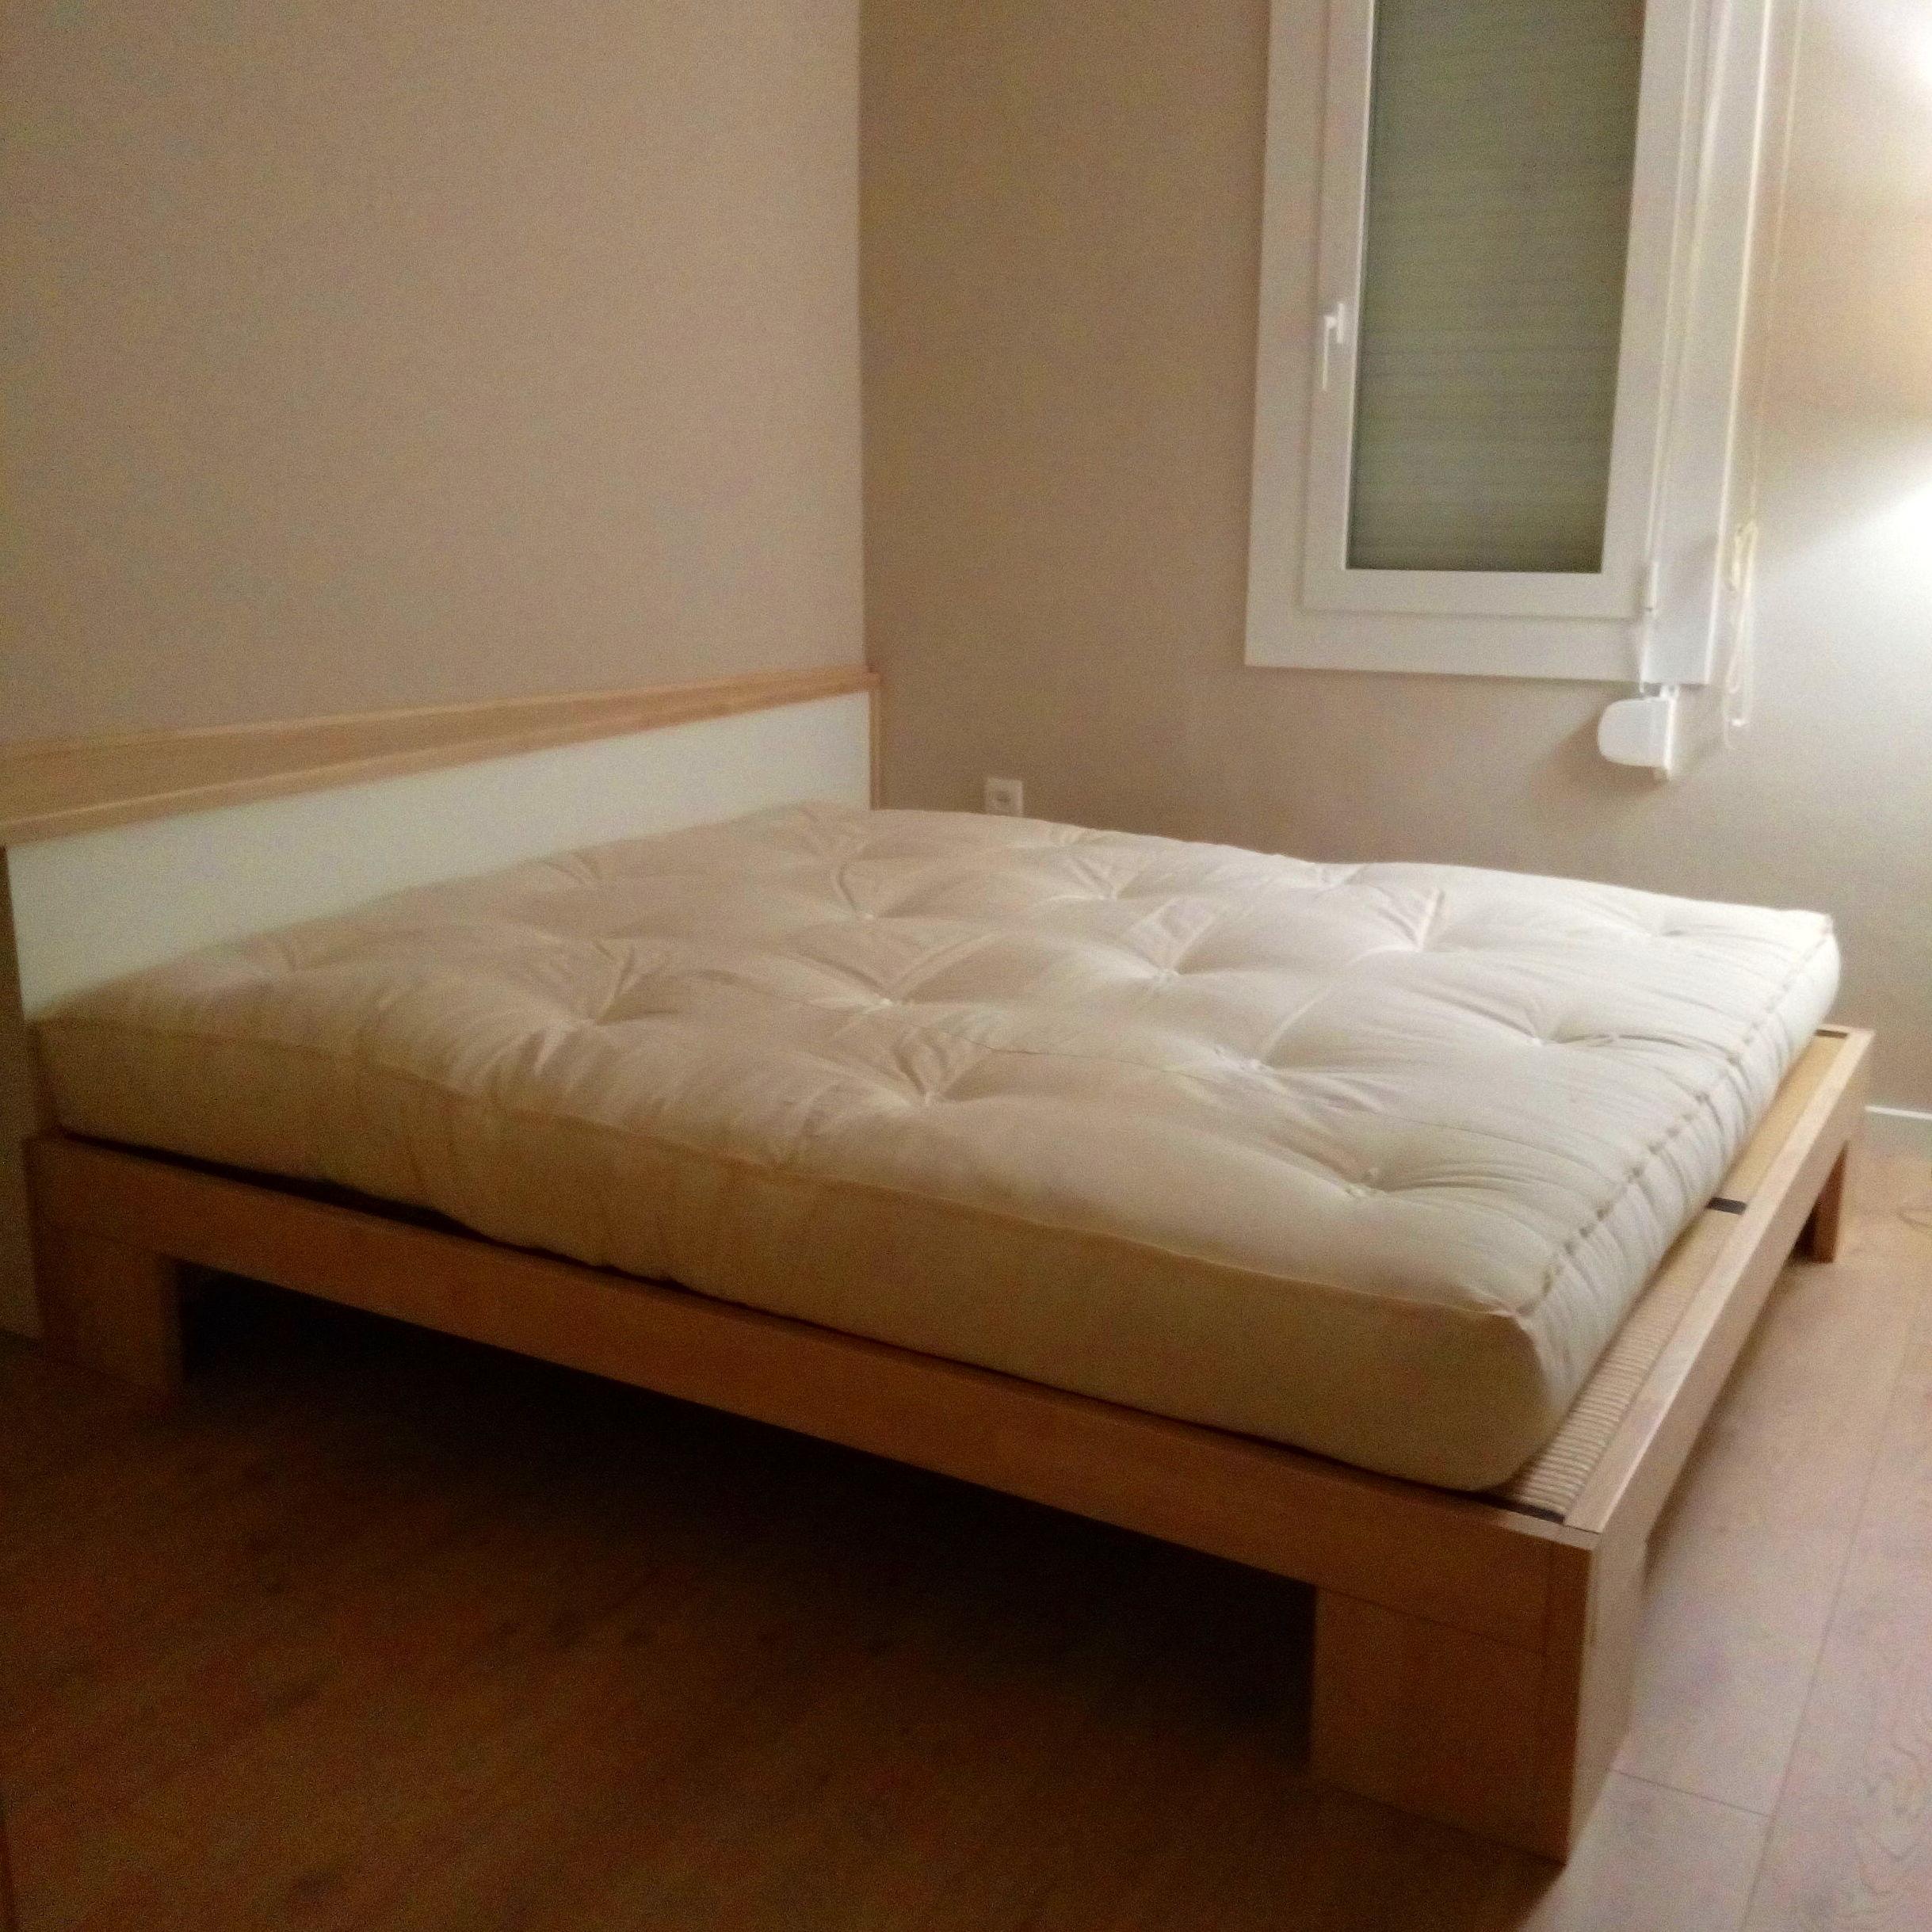 Conjunto cabezal y cama, realizado en haya blanca